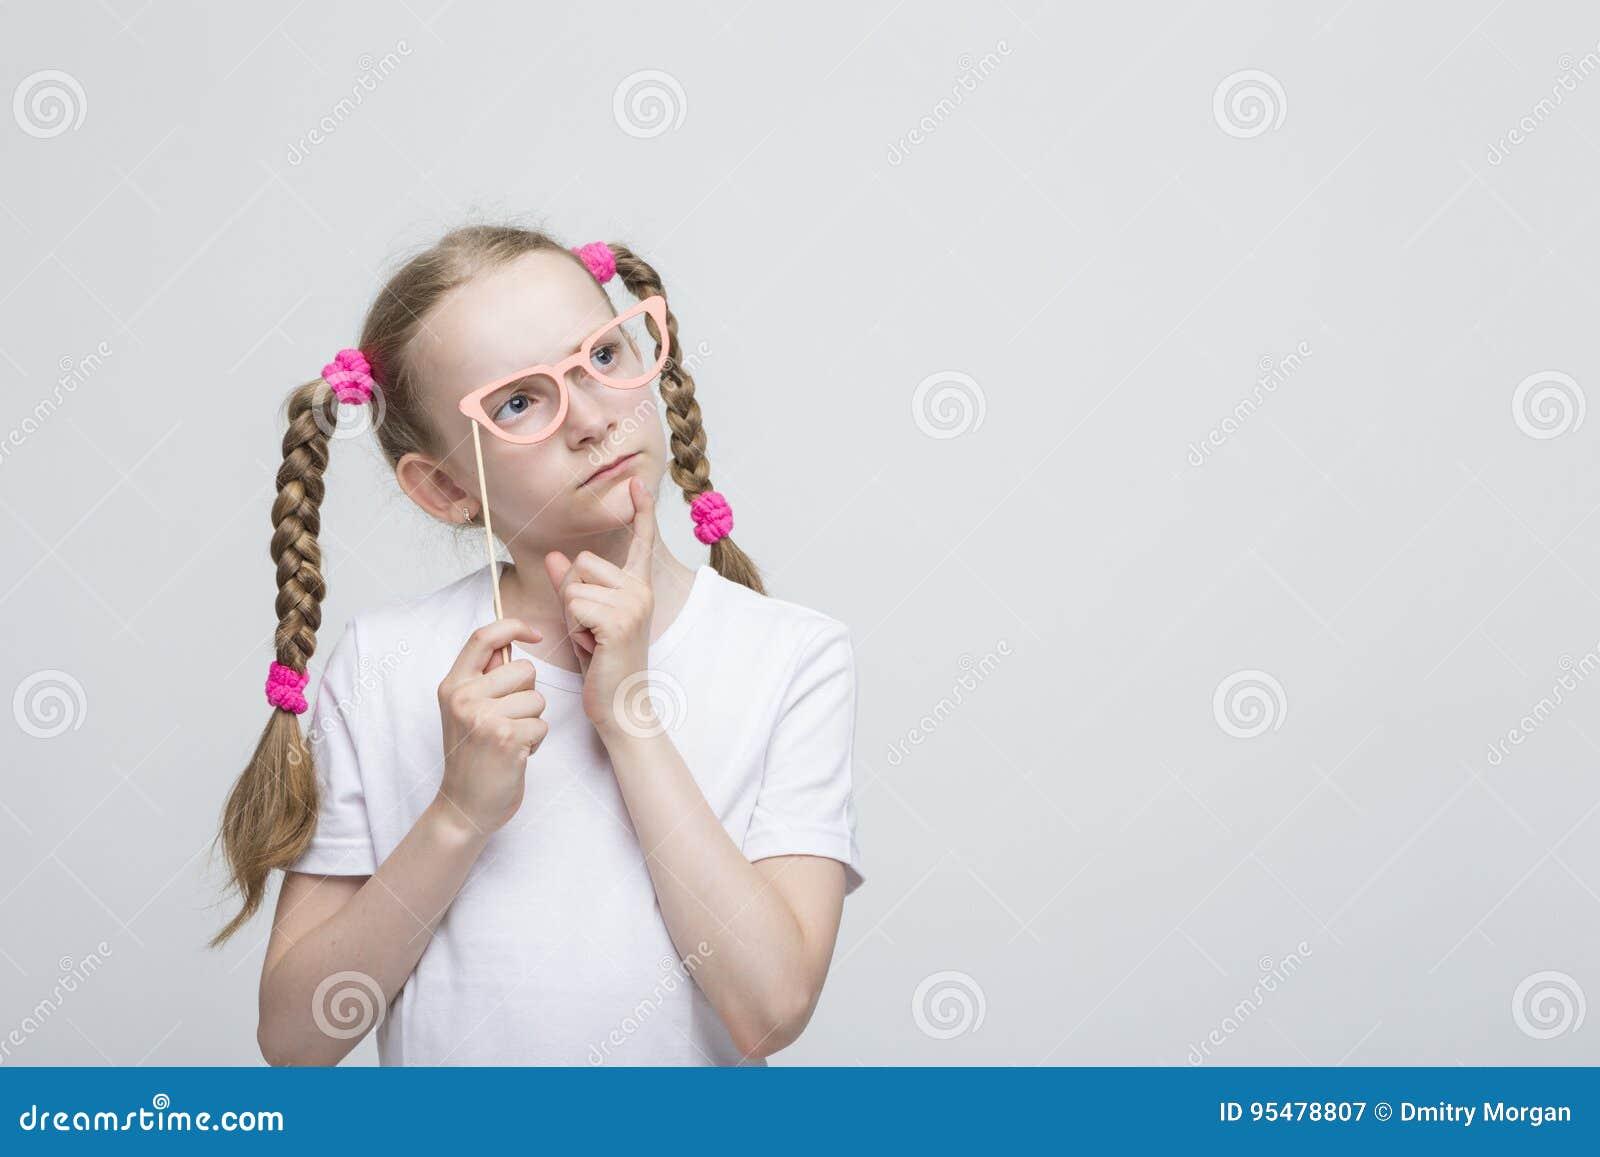 Kaukaska Blond dziewczyna Z Pigtails Pozuje z Artystycznymi widowiskami